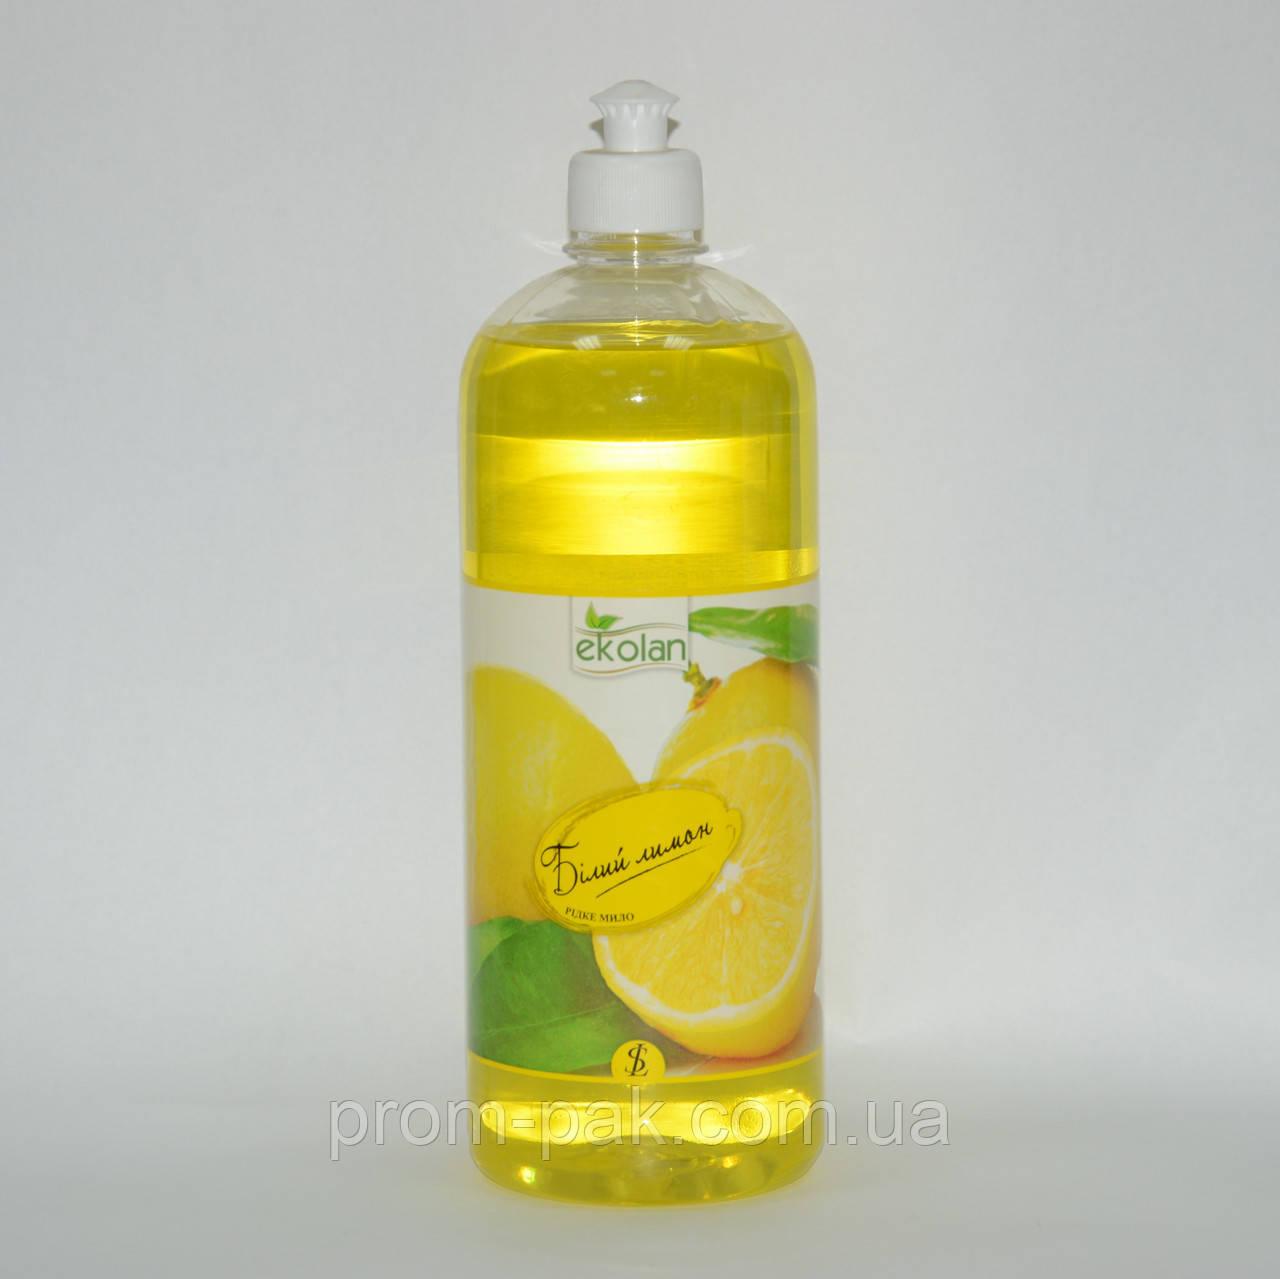 Жидкое мыло Белый лимон Ekolan 1 л